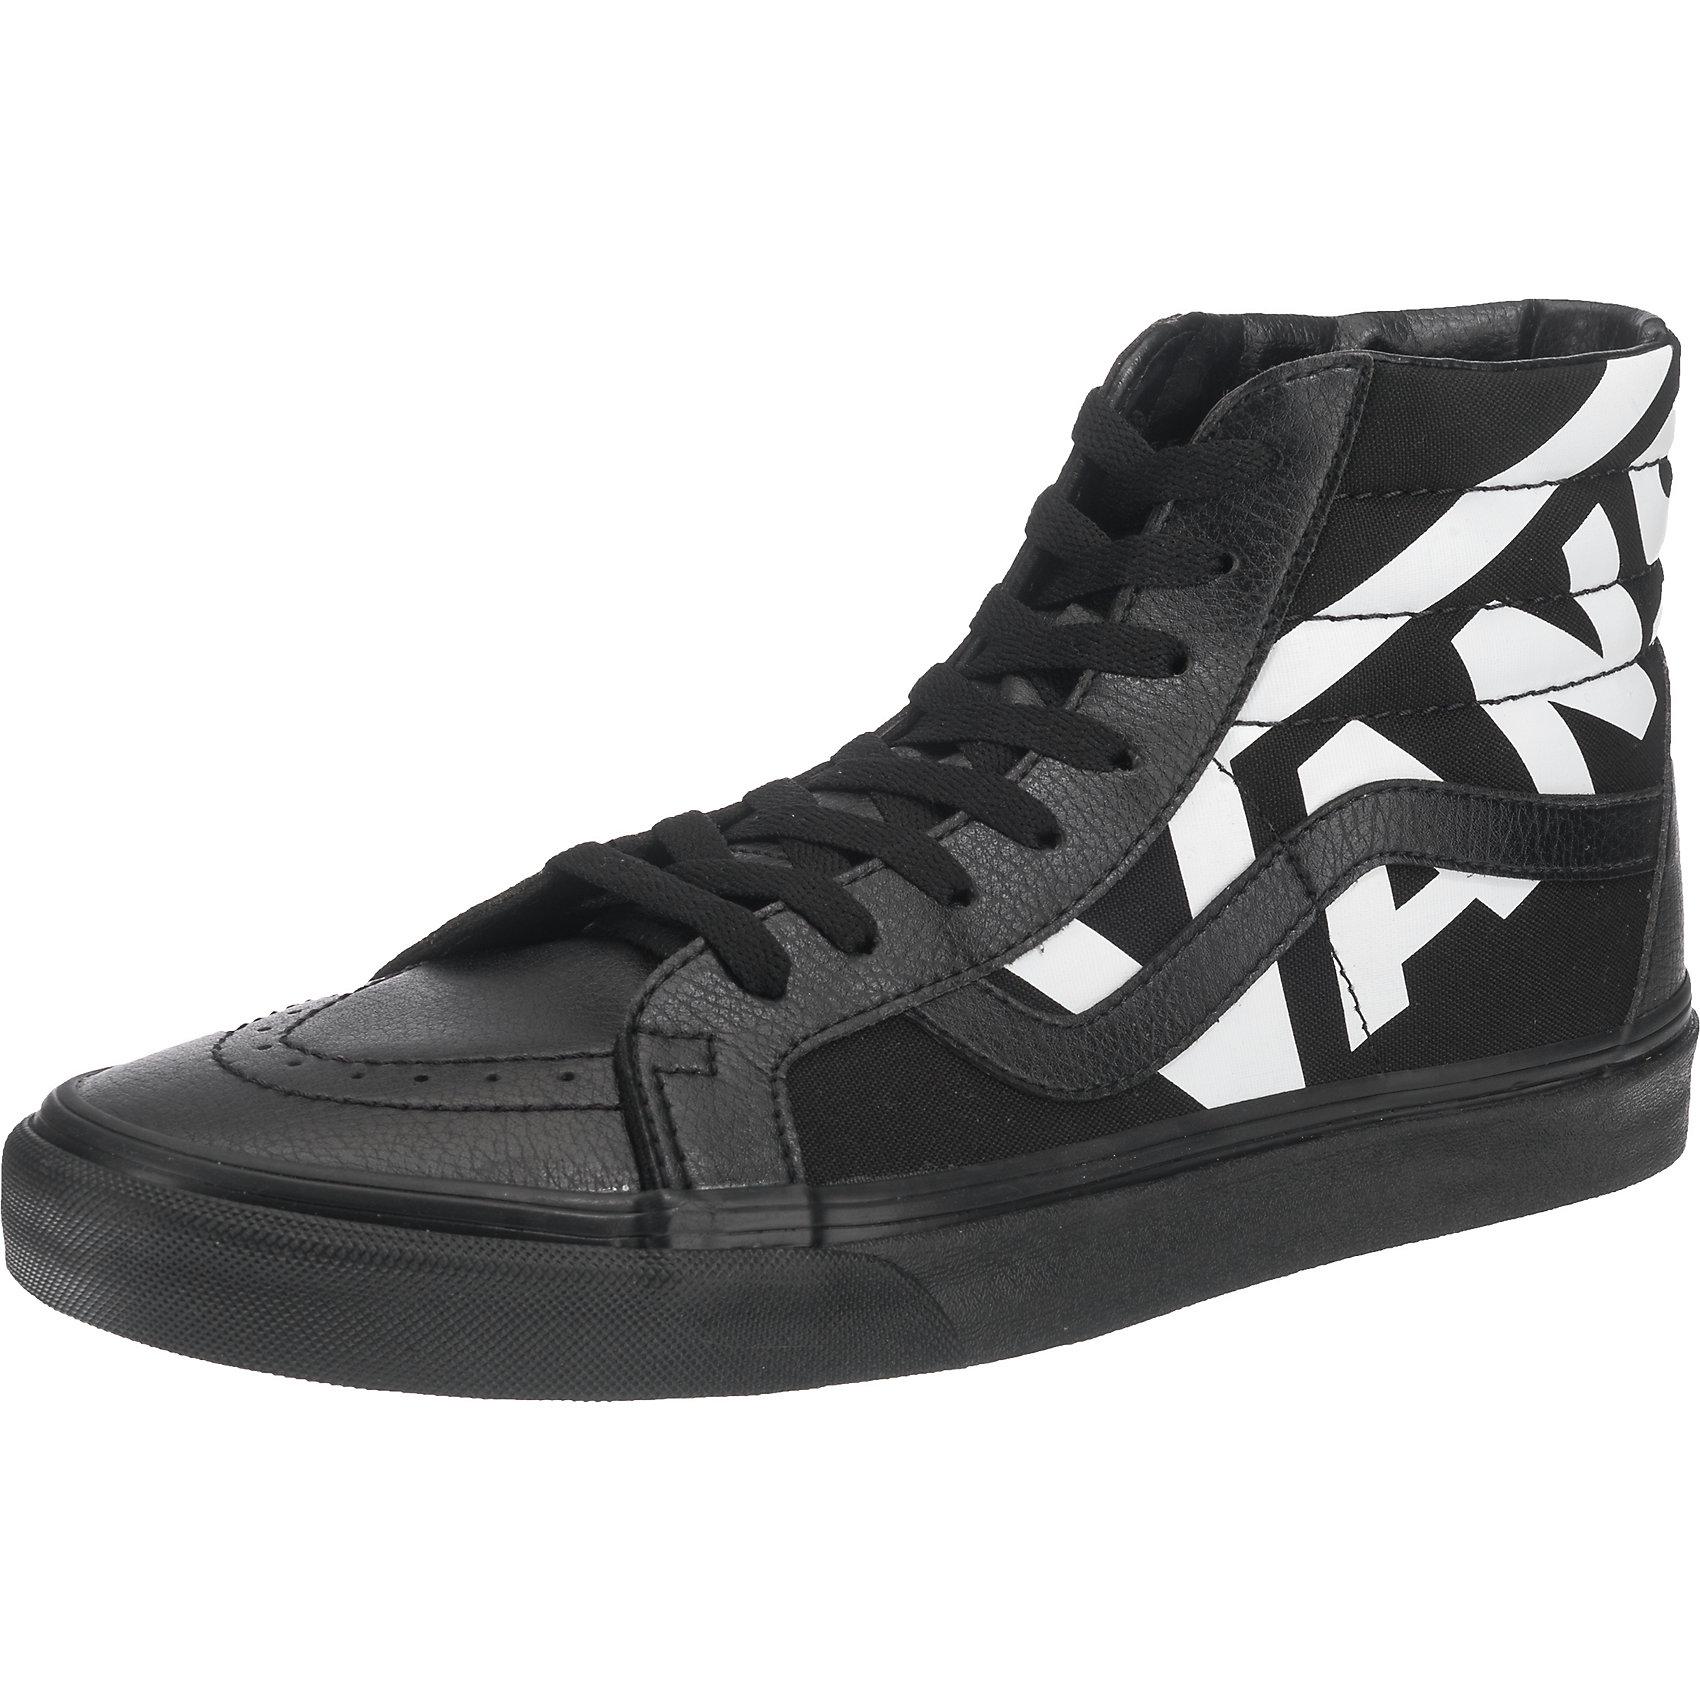 Neu VANS SK8-Hi Reissue Herren Sneakers 7011054 für Herren Reissue schwarz-kombi af2517